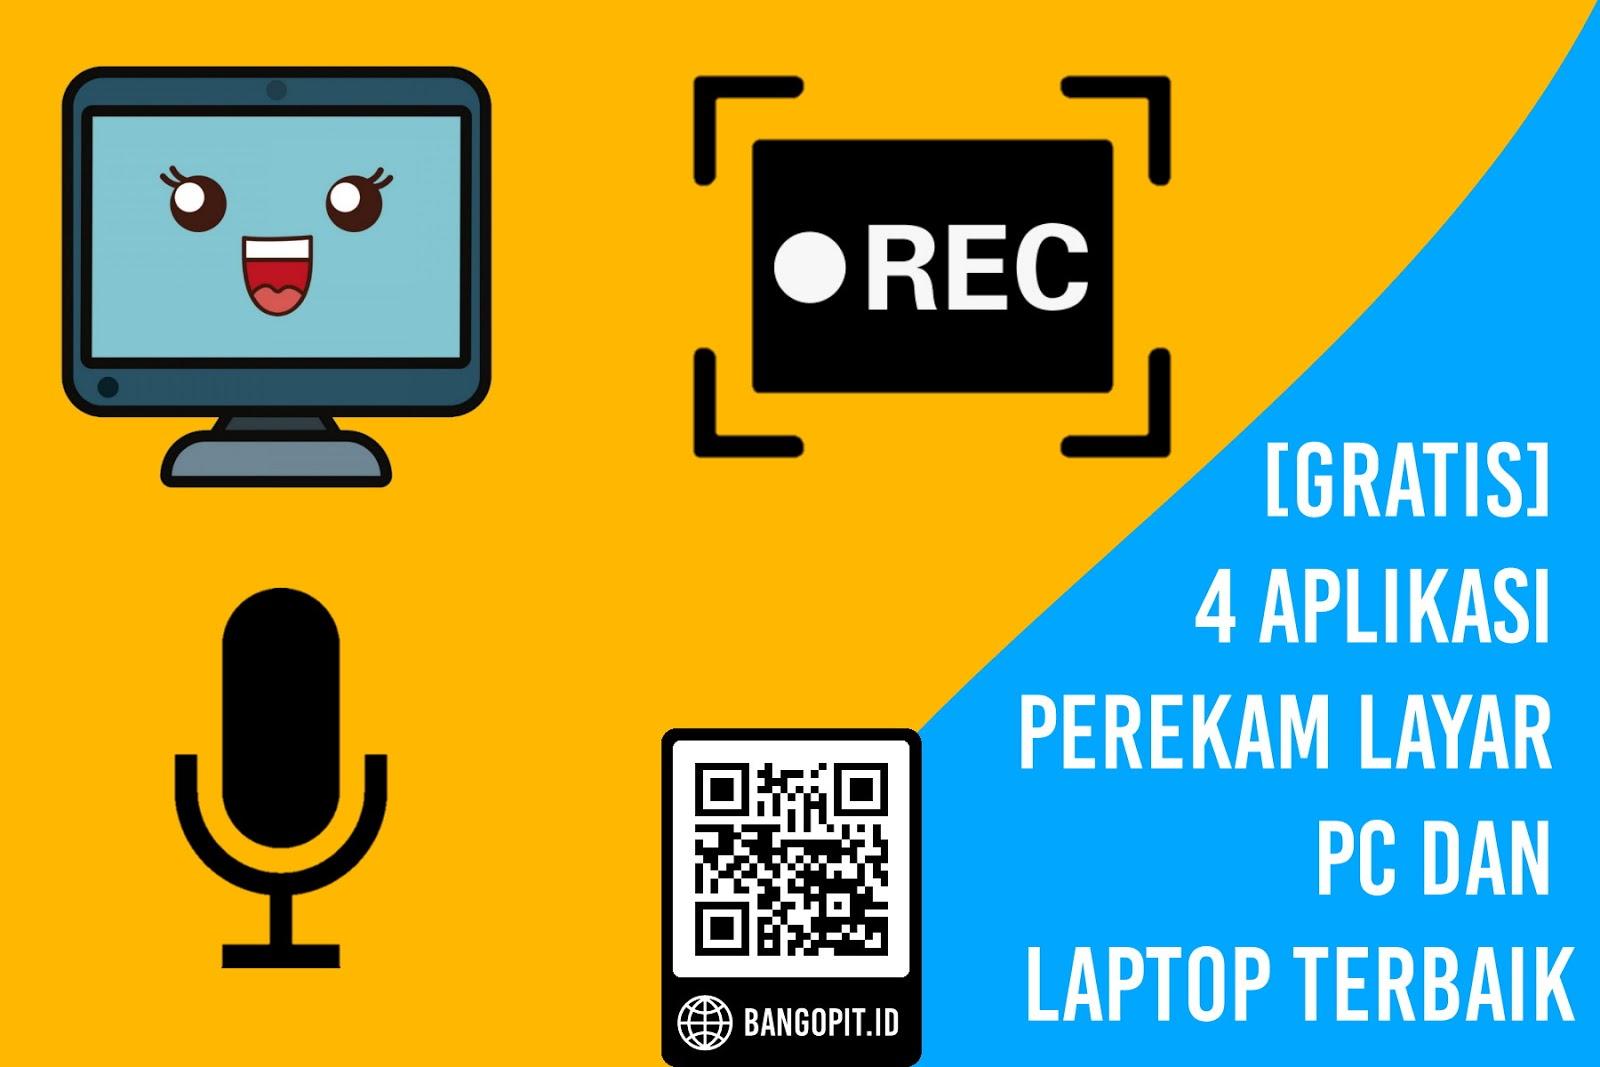 [GRATIS] 4 Aplikasi Perekam Layar PC dan Laptop Terbaik